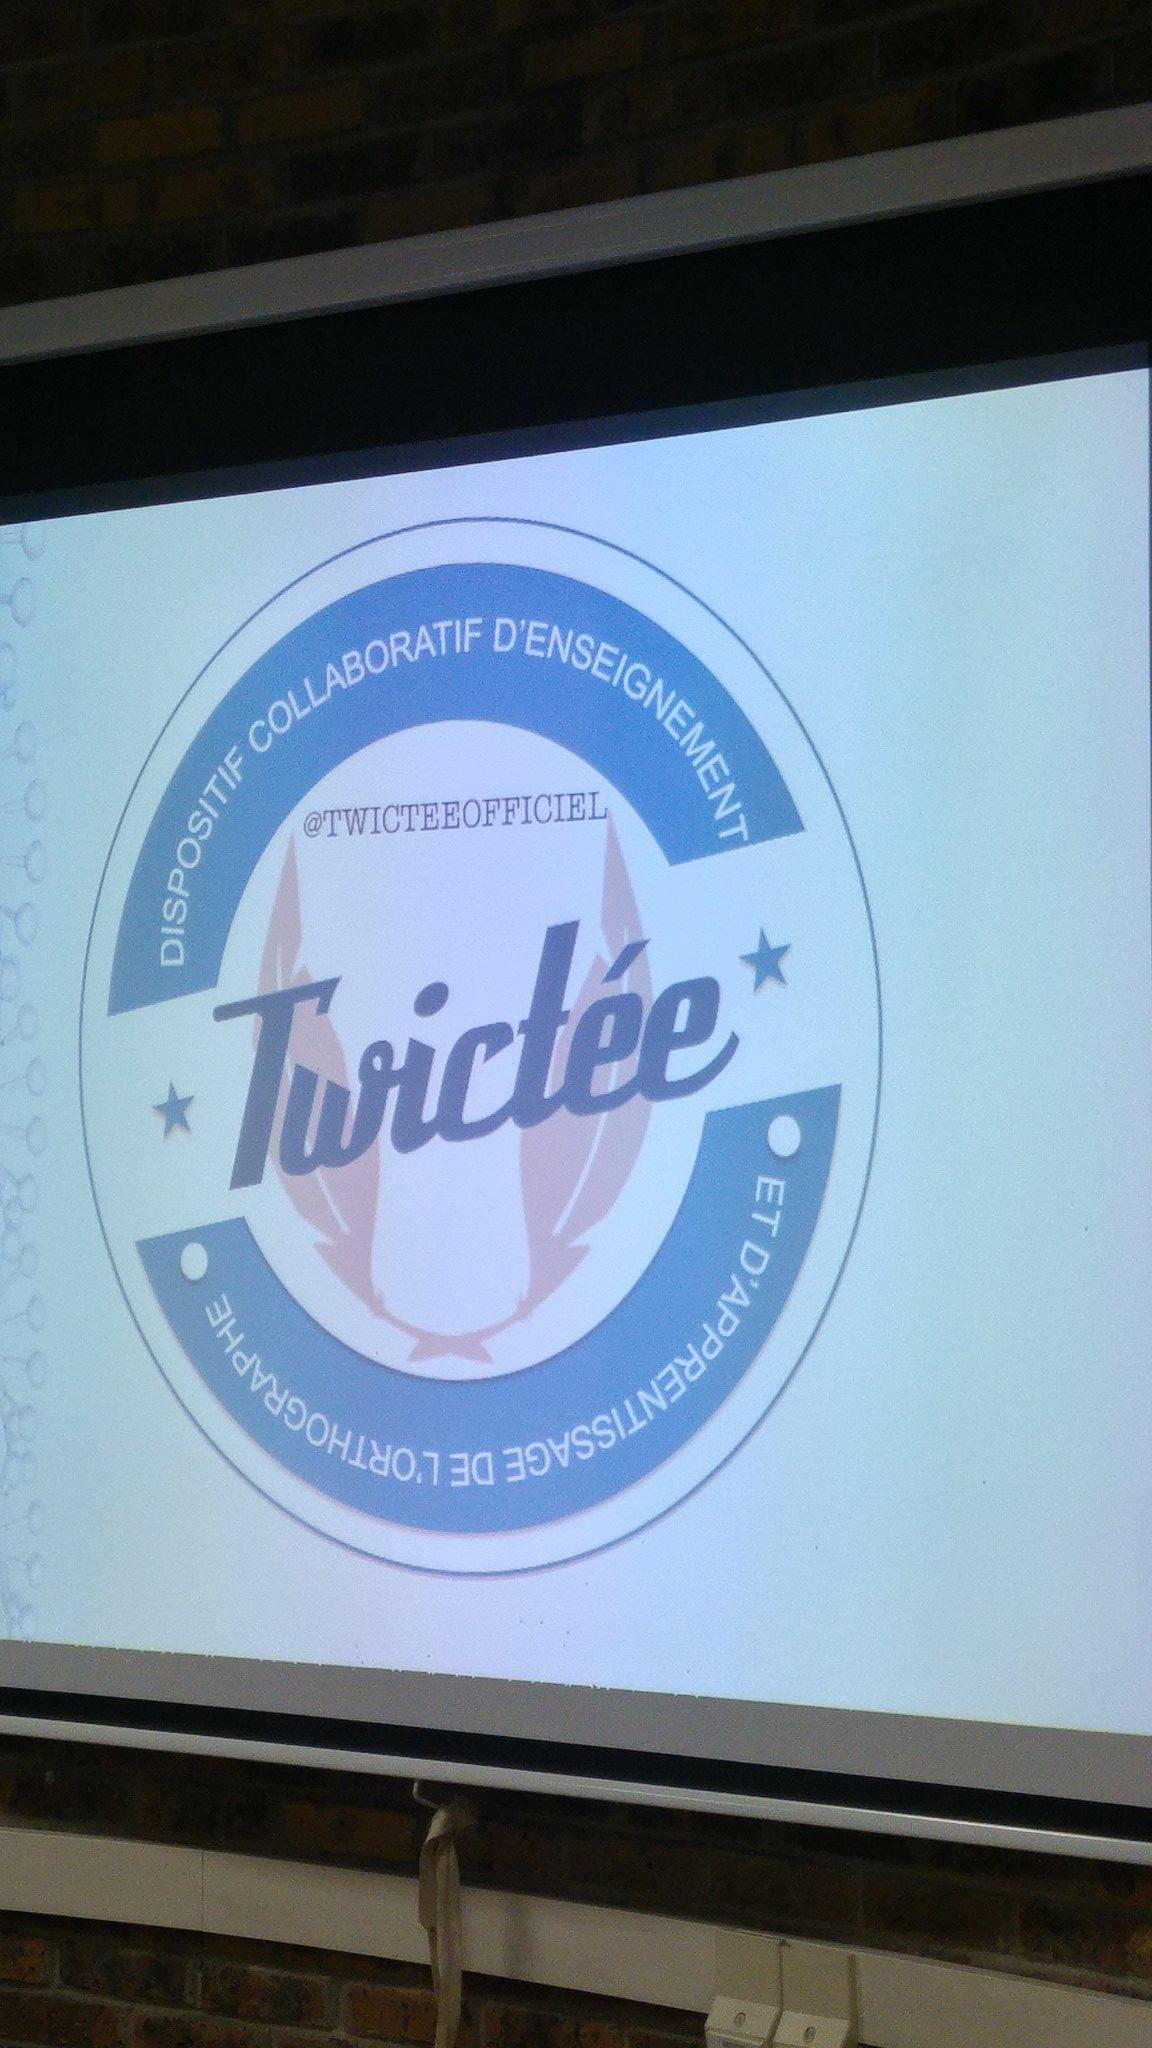 #UNY89 découvrez la  #Twictee @TwicteeOfficiel avec @valerielegoffv en salle irancy à 15h15 et 16h10 @canope_89 @reseau_canope https://t.co/8e56BXrkwv